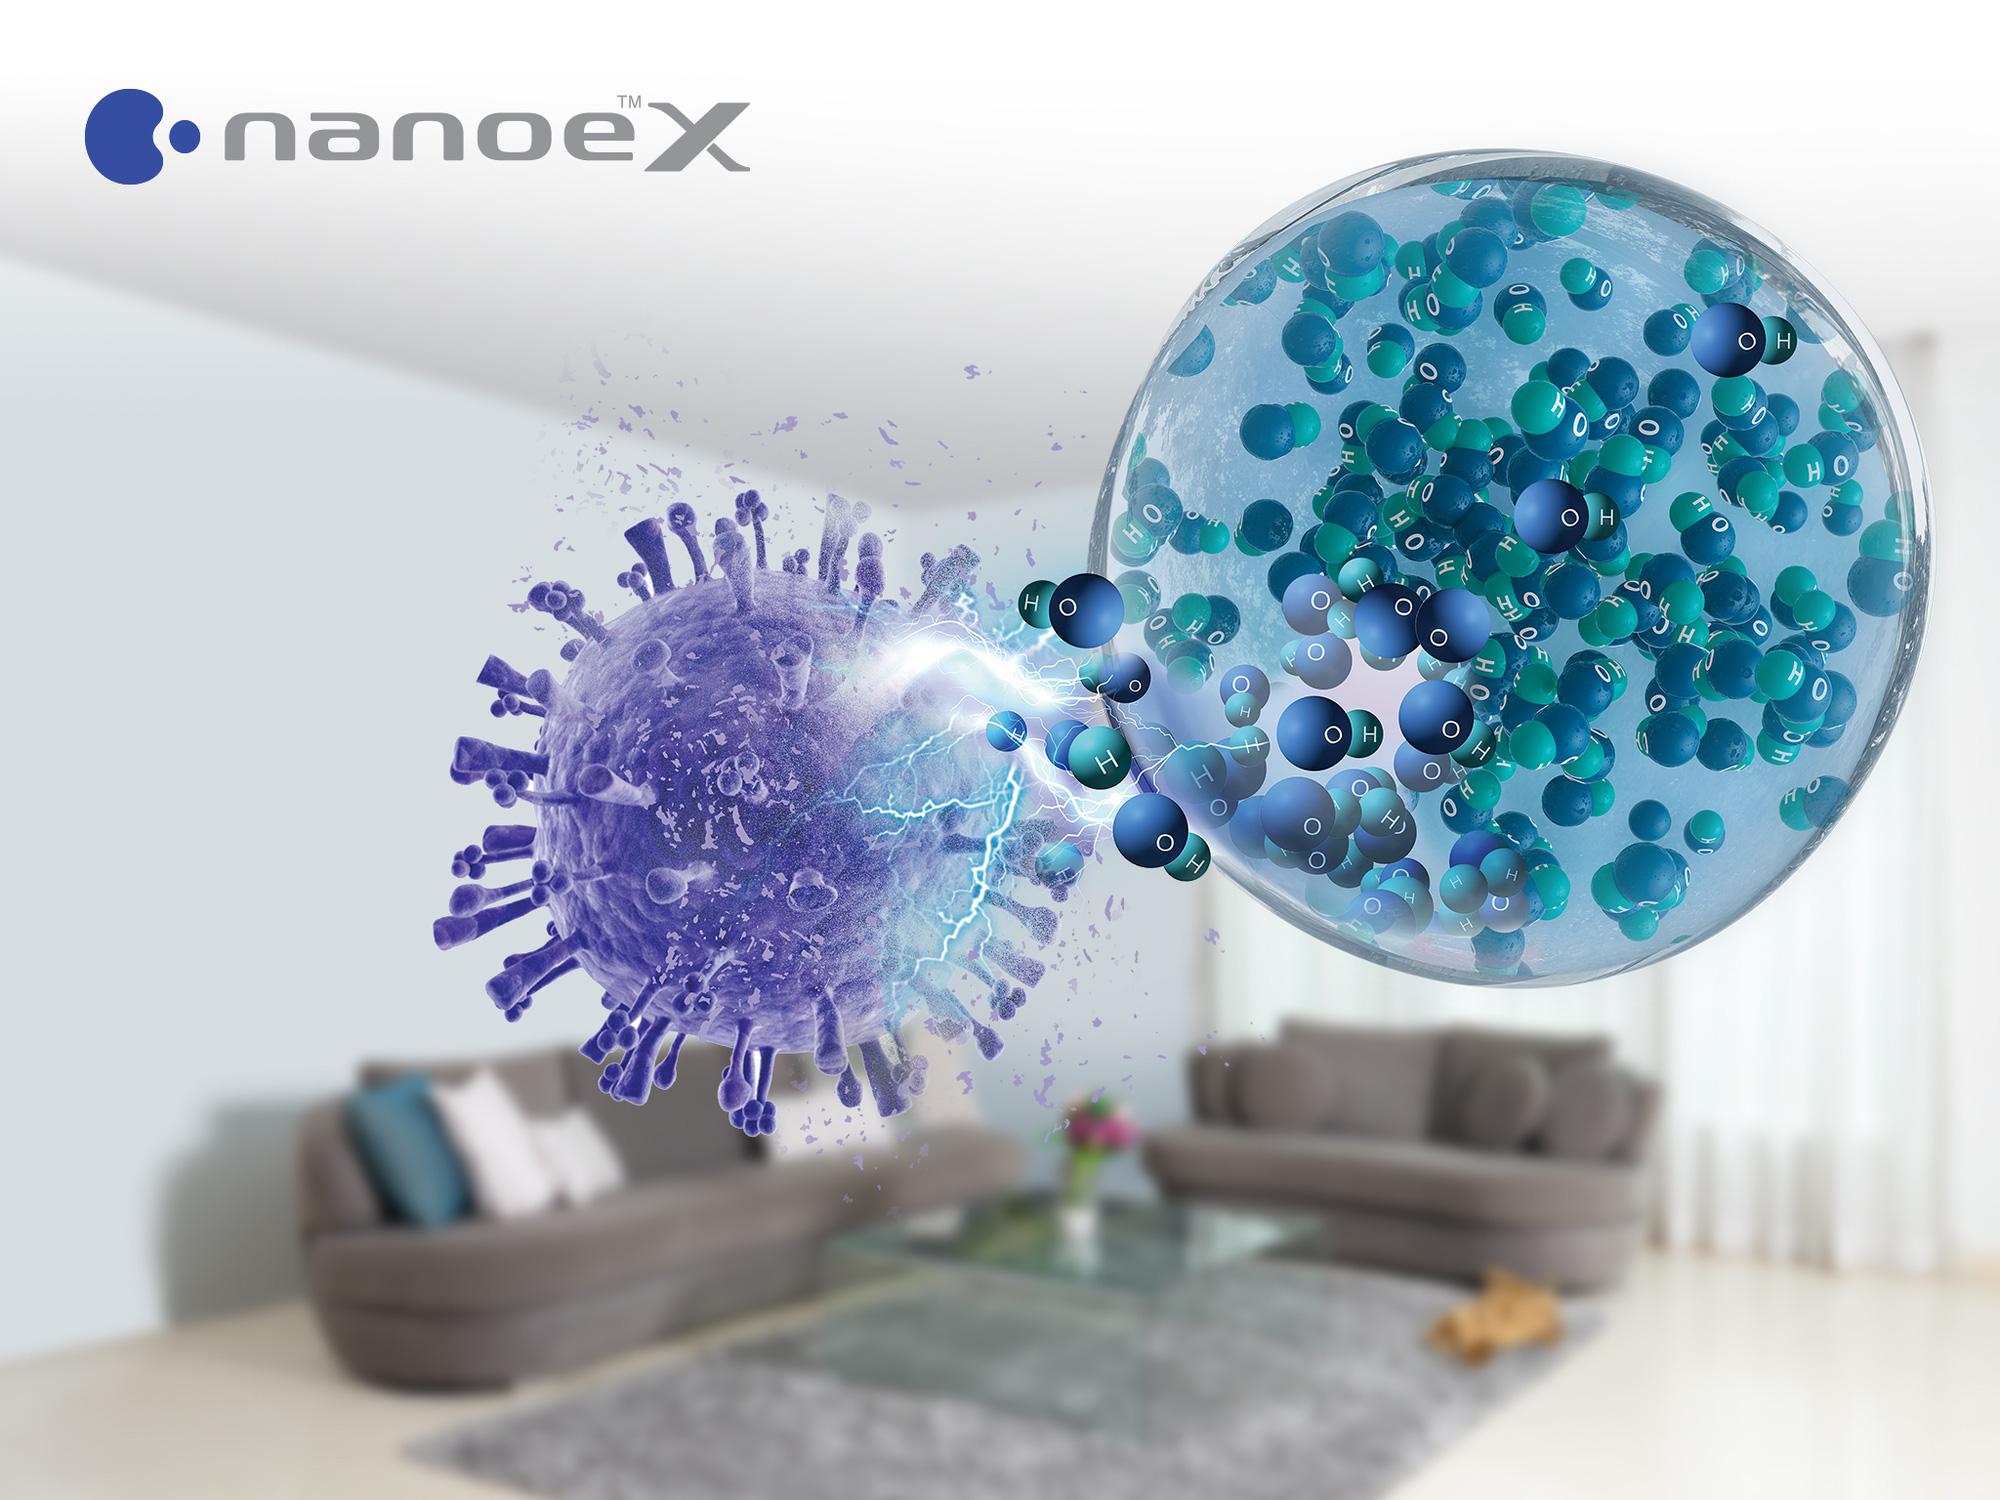 Công nghệ ức chế virus SARS-CoV-2 trong không gian kín - Ảnh 3.